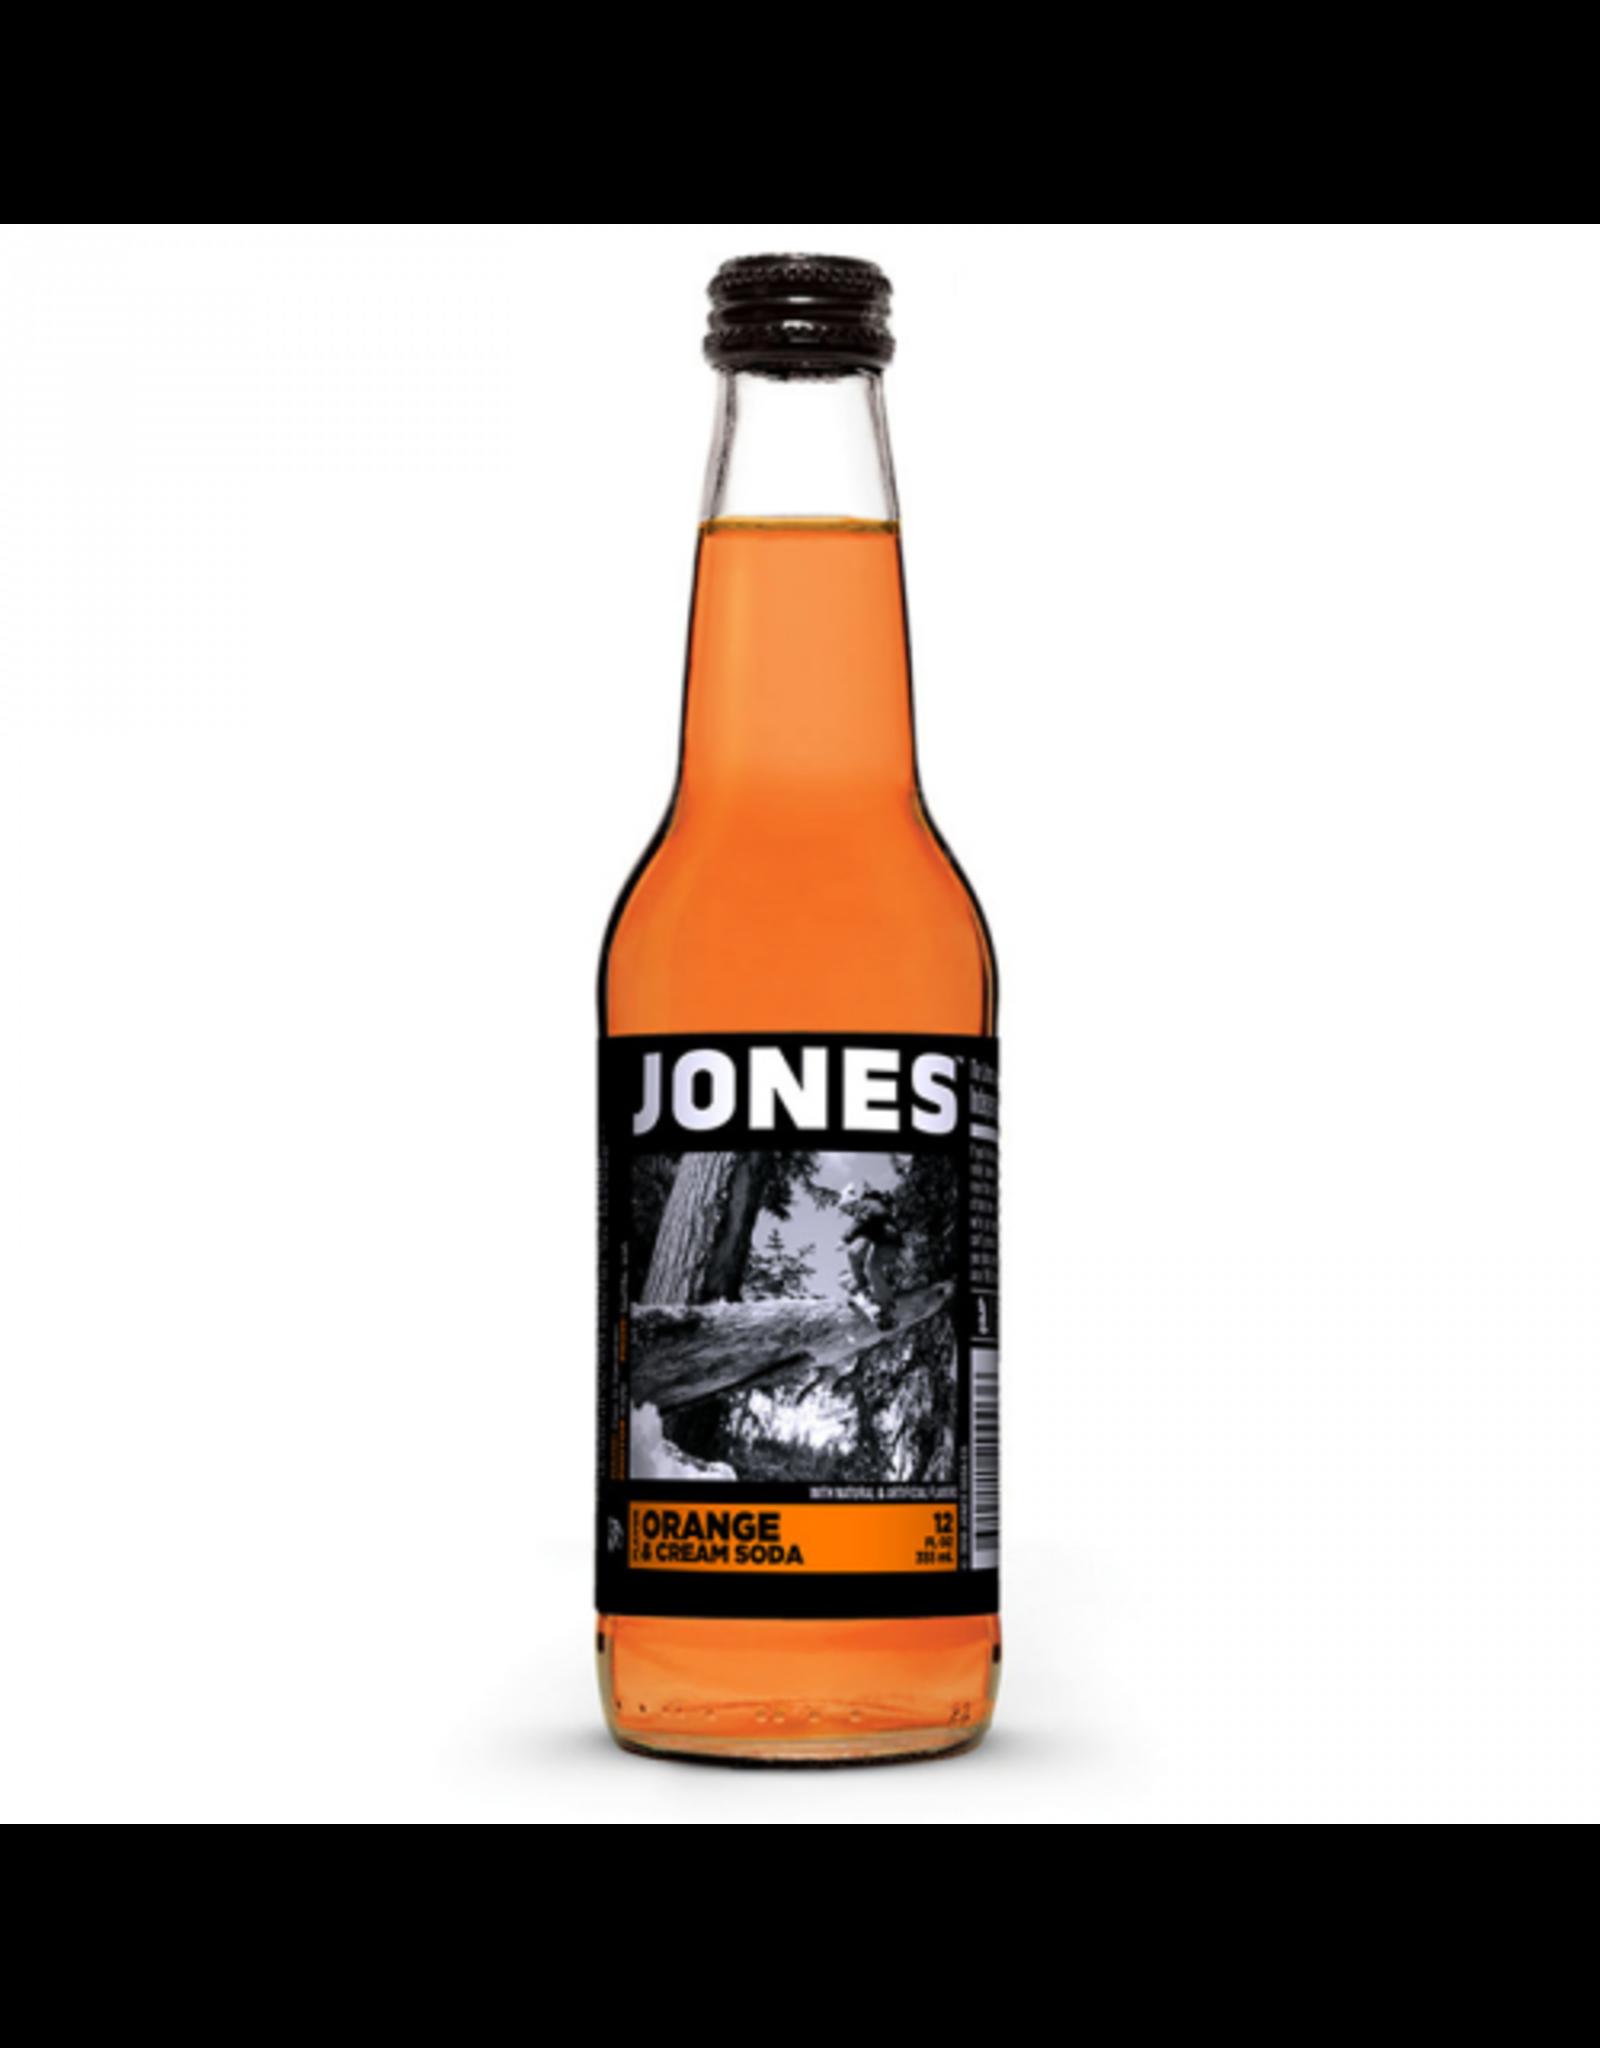 Jones - Orange & Cream Soda - Cane Sugar Soda - 355ml